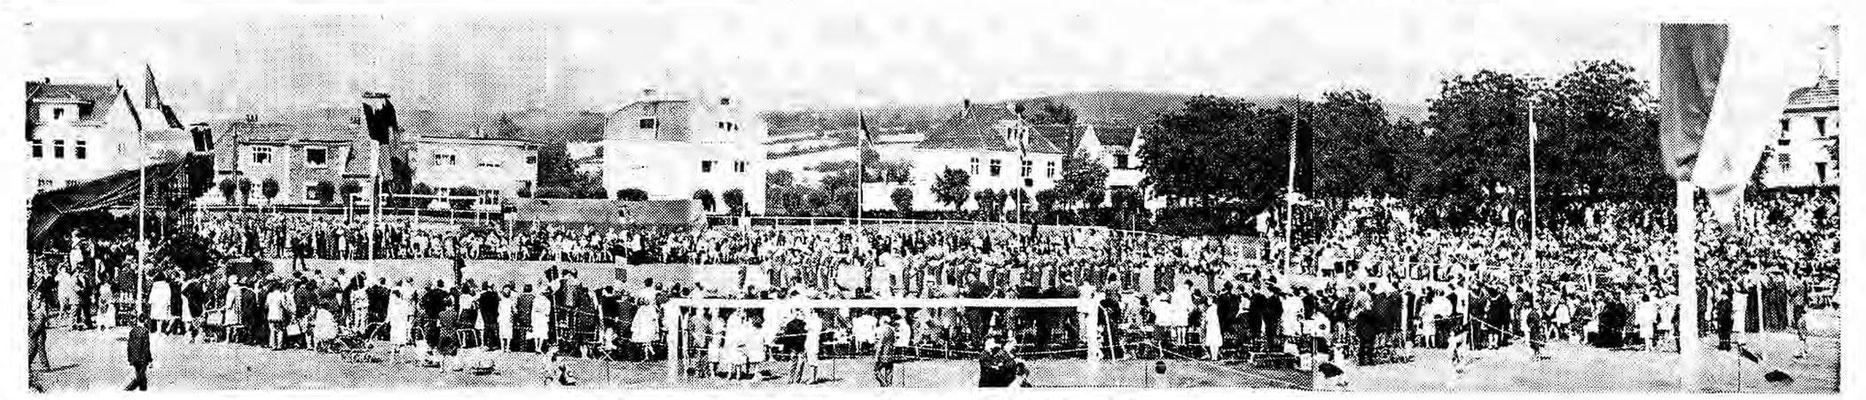 27.06.1965 anlässlich des 80 Jahre Kgl. Militärsport-Institut: Glanzvolles Sportfest vor mehr als 2000 begeisterten Zuschauern